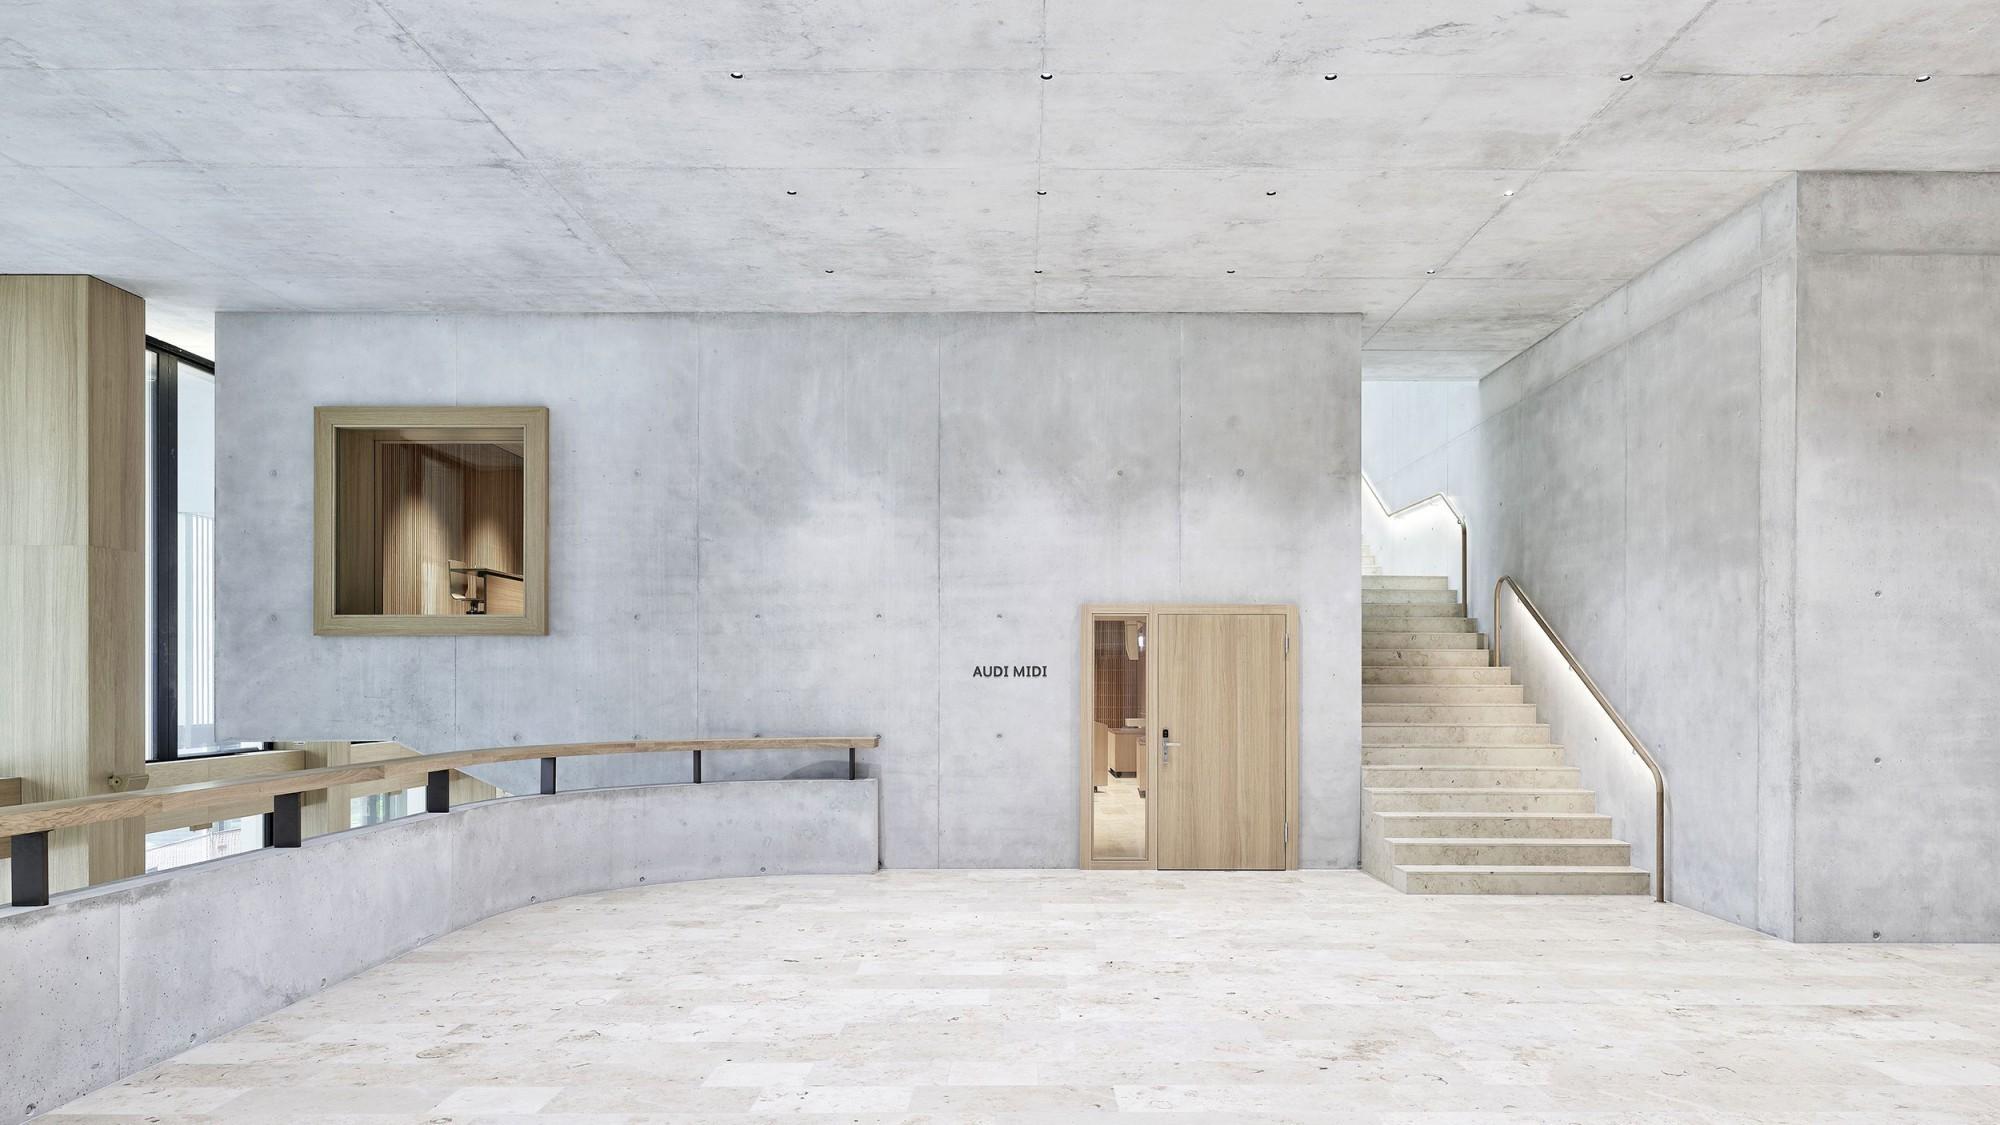 """Le campus Suurstoffi de la Haute école spécialisée de Lucerne a remporté le prix de la conception d'éclairage dans la catégorie """"Éducation""""."""